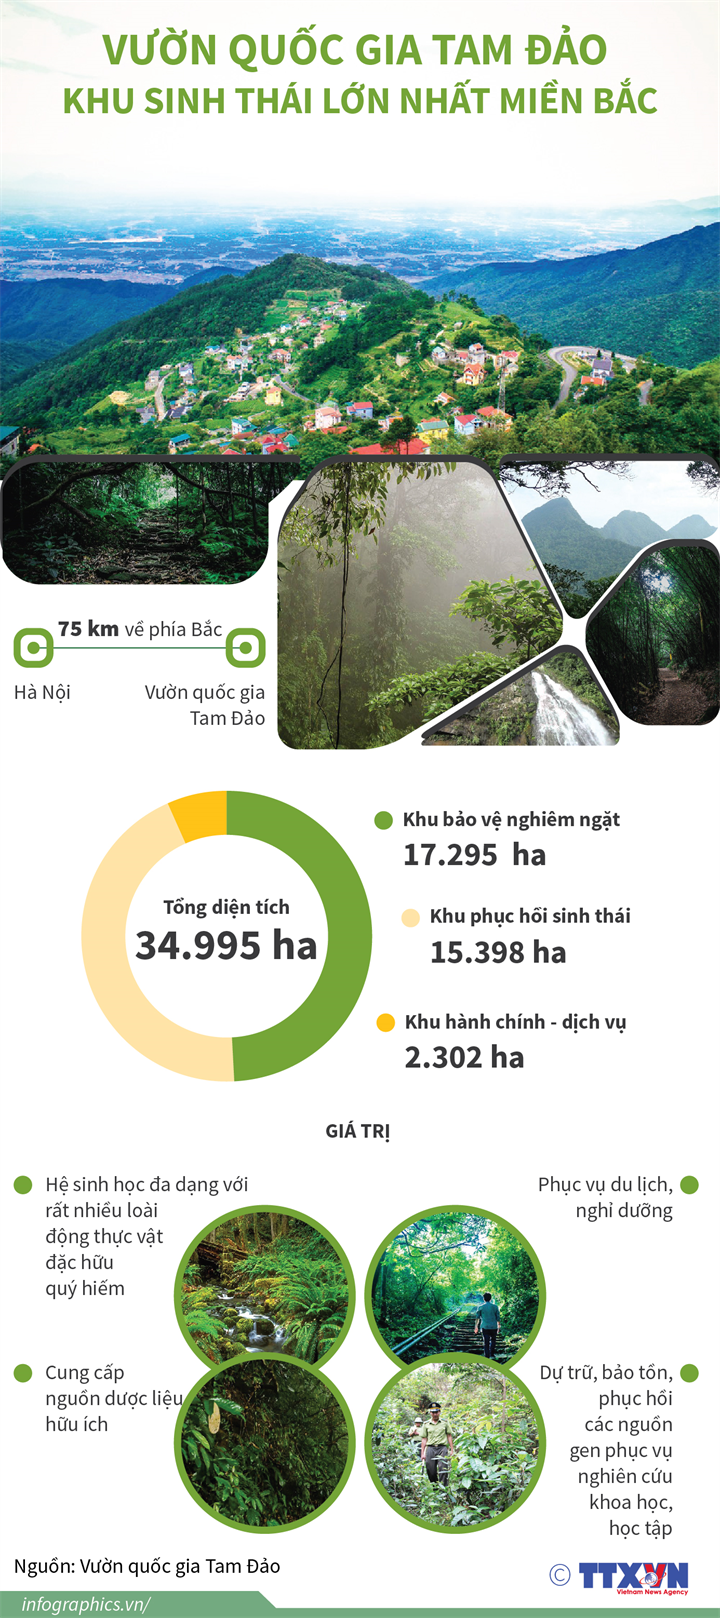 Vườn quốc gia Tam Đảo: Khu sinh thái lớn nhất miền Bắc